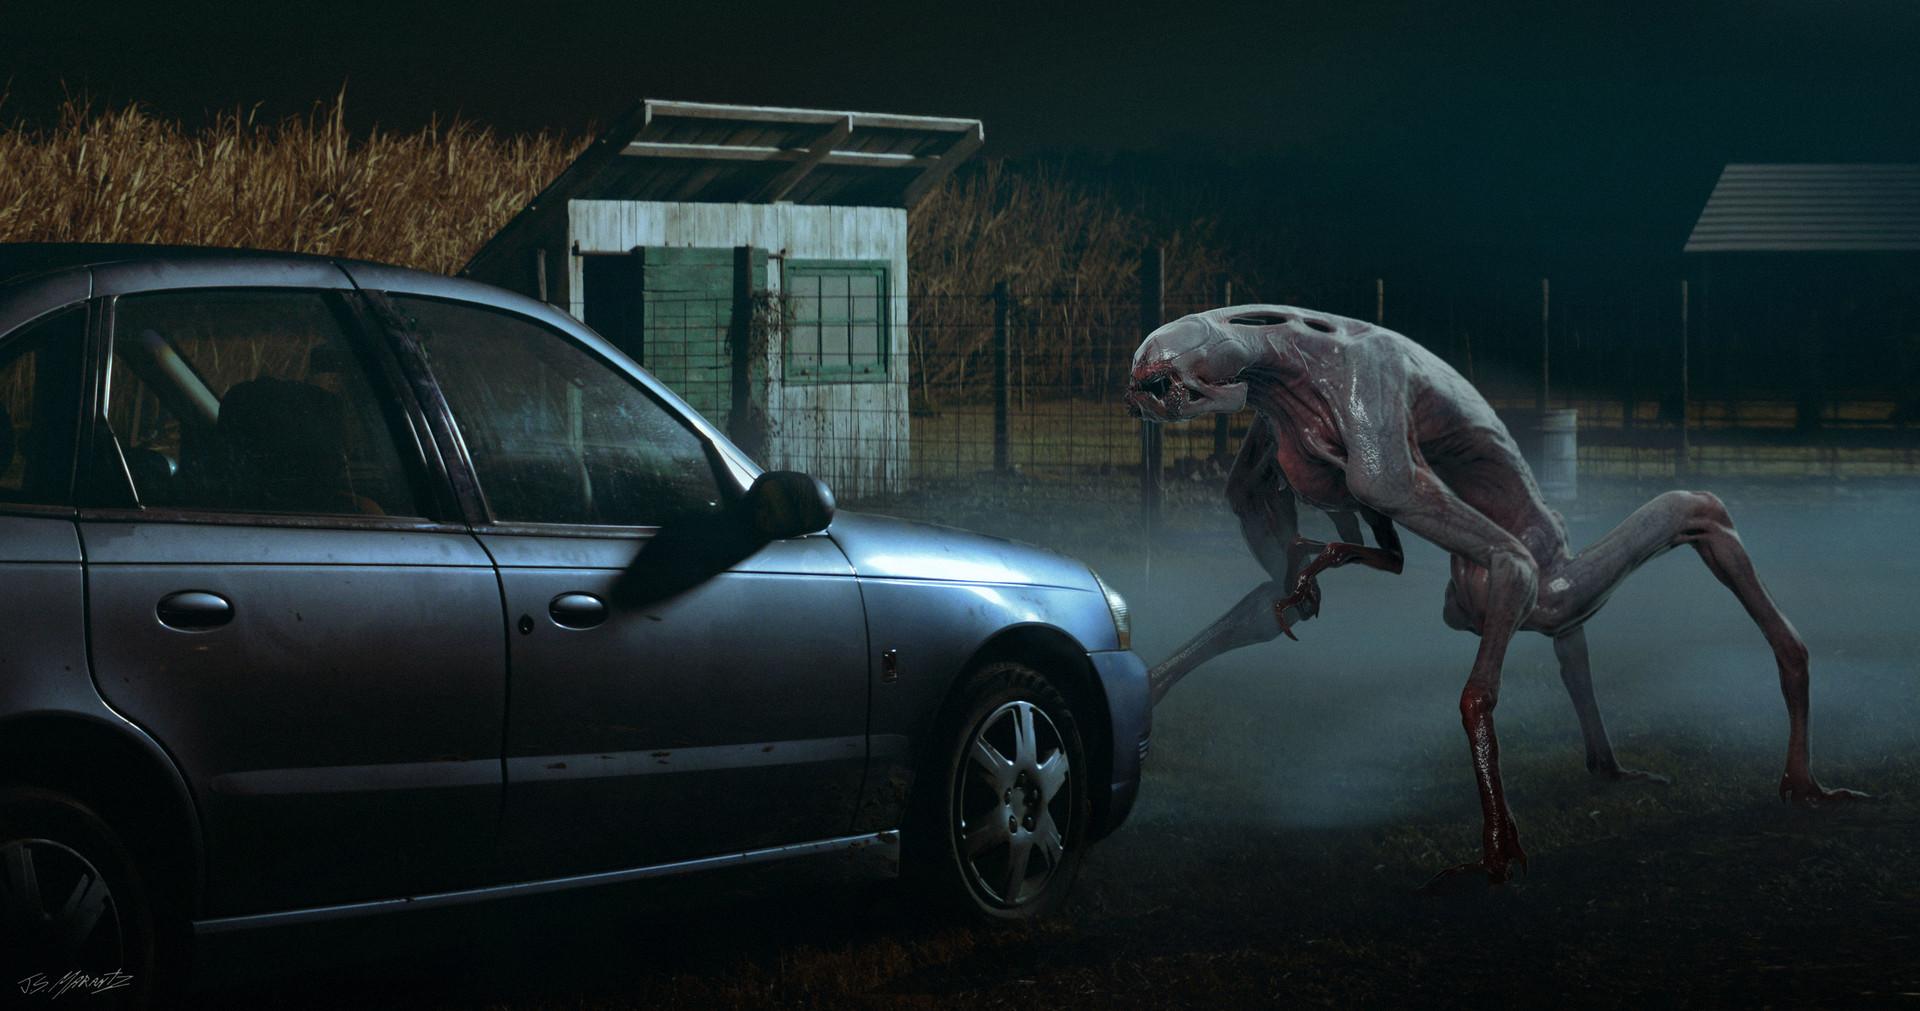 Jerx marantz creature scene 2